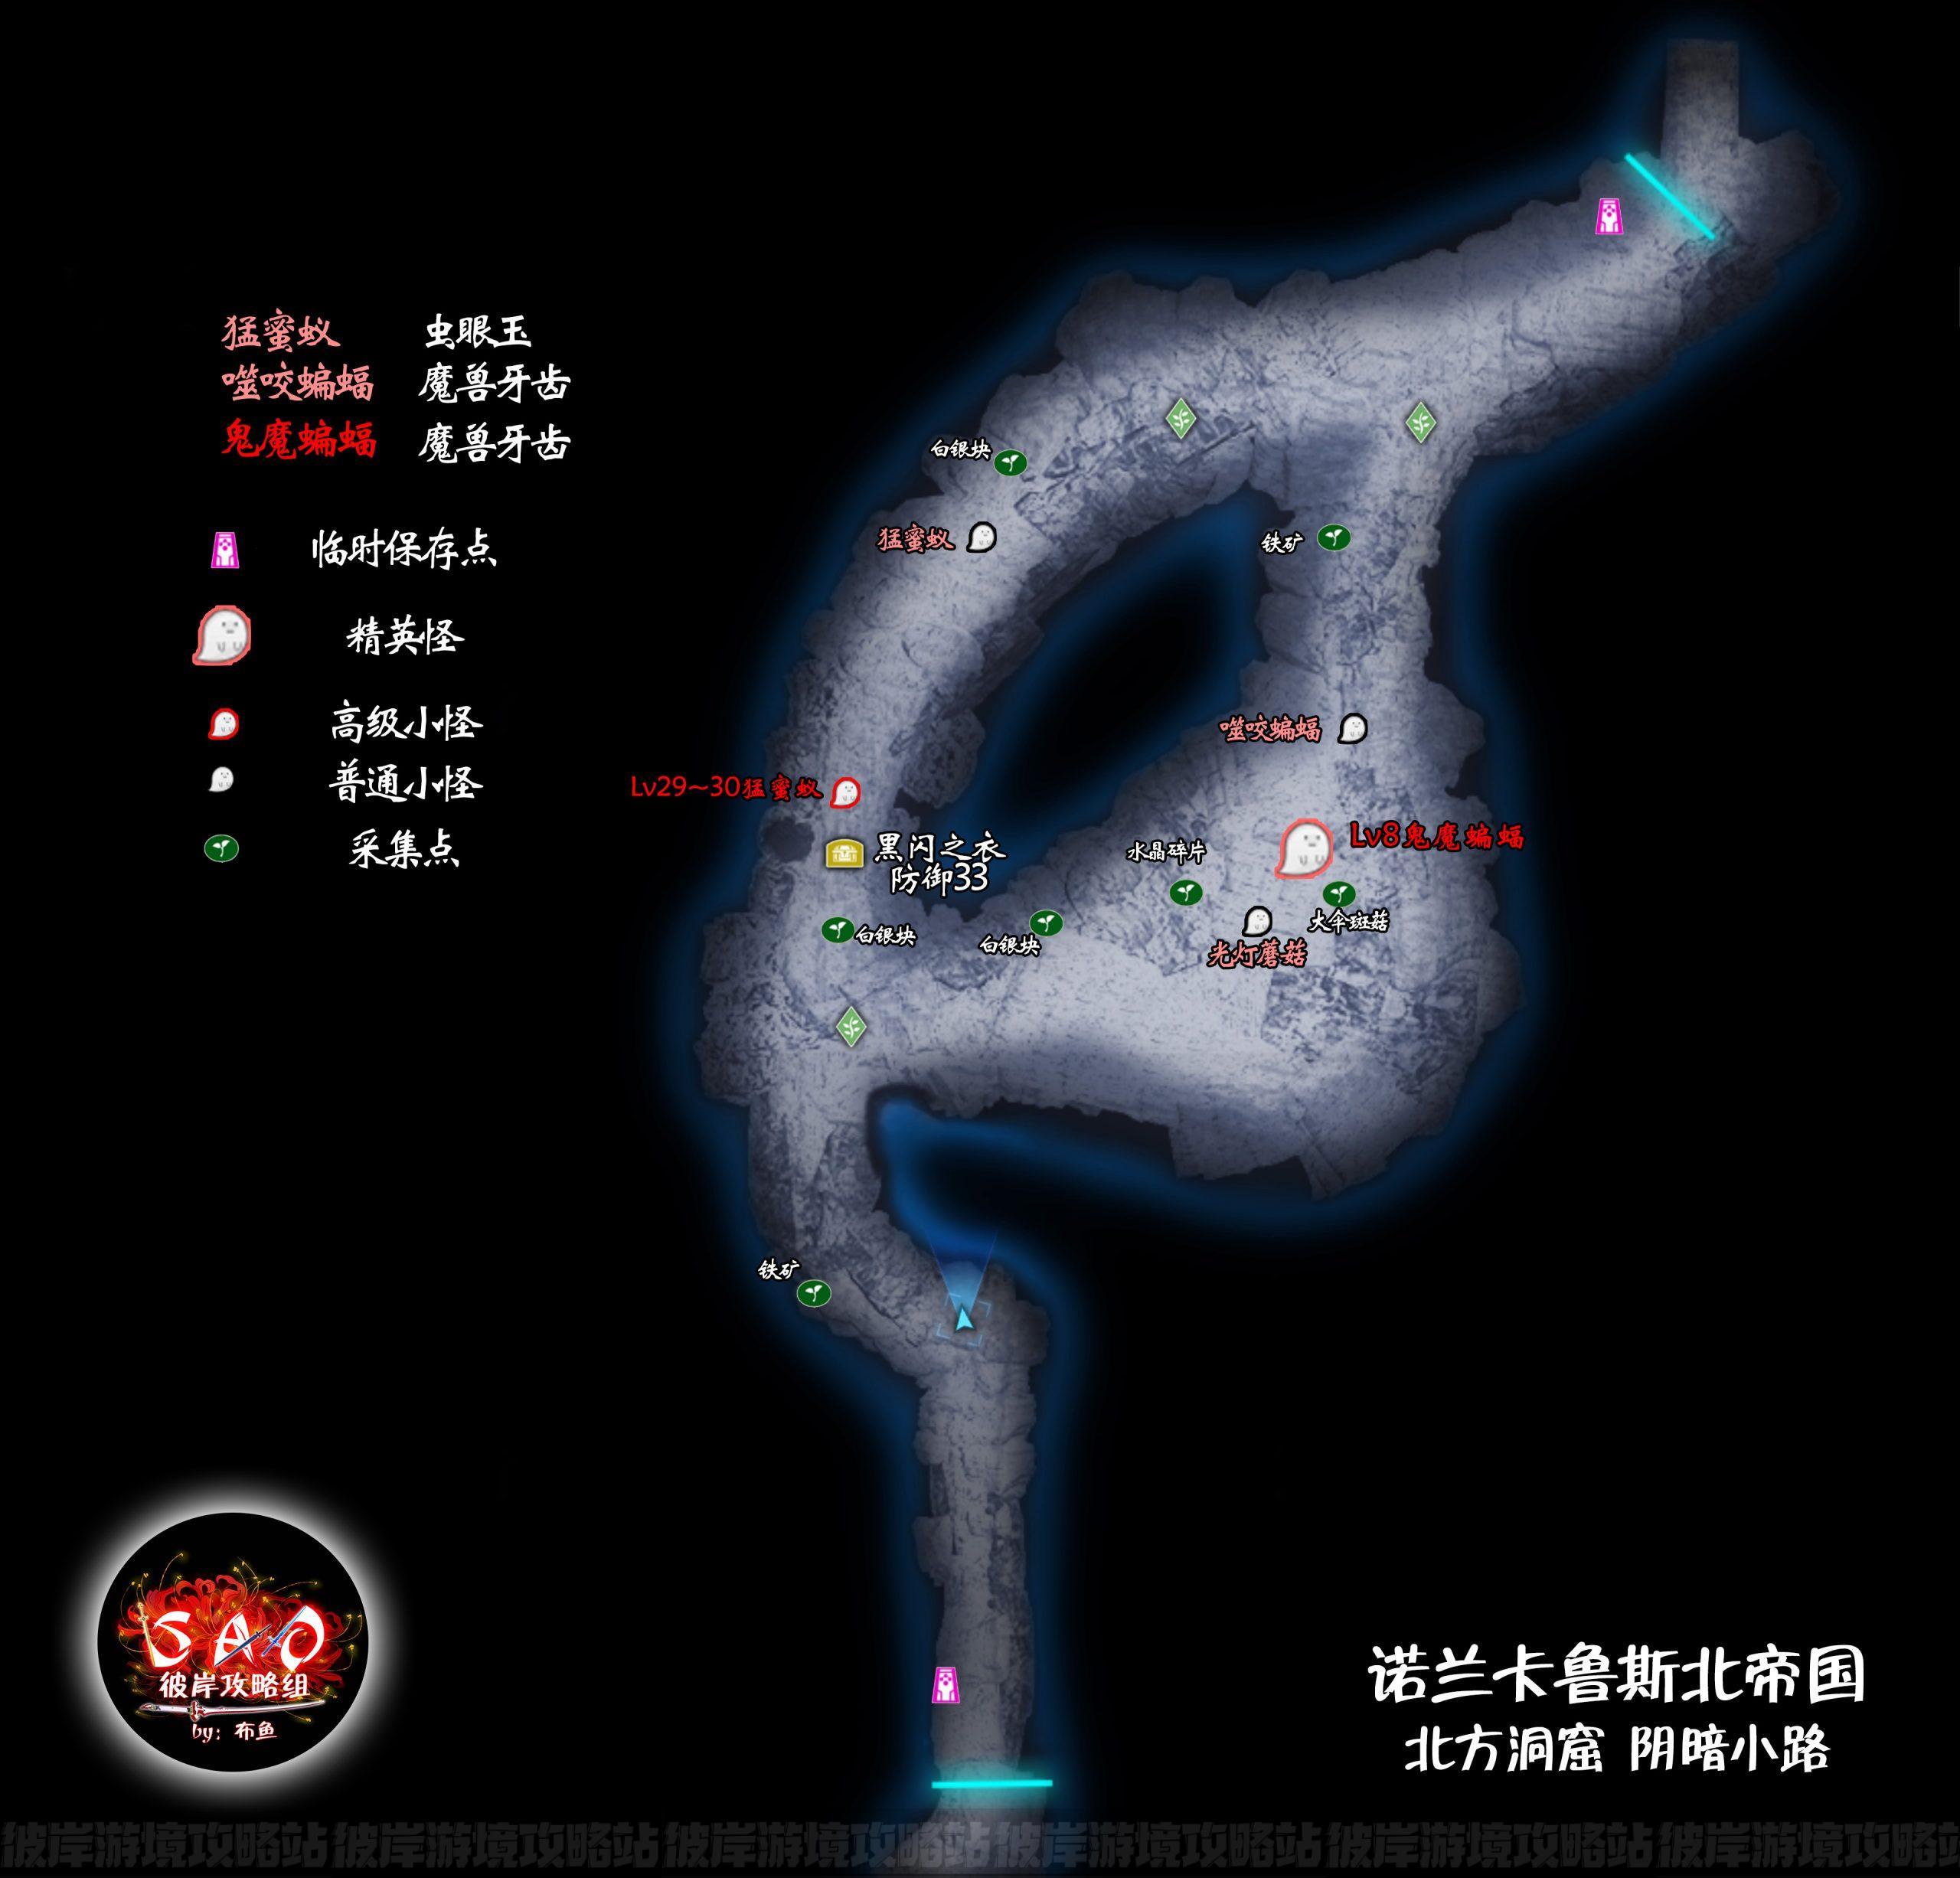 【SAOAL攻略组】超完全流程地图攻略及新手指引-隆登德山地篇-刀剑神域彼岸游境攻略站